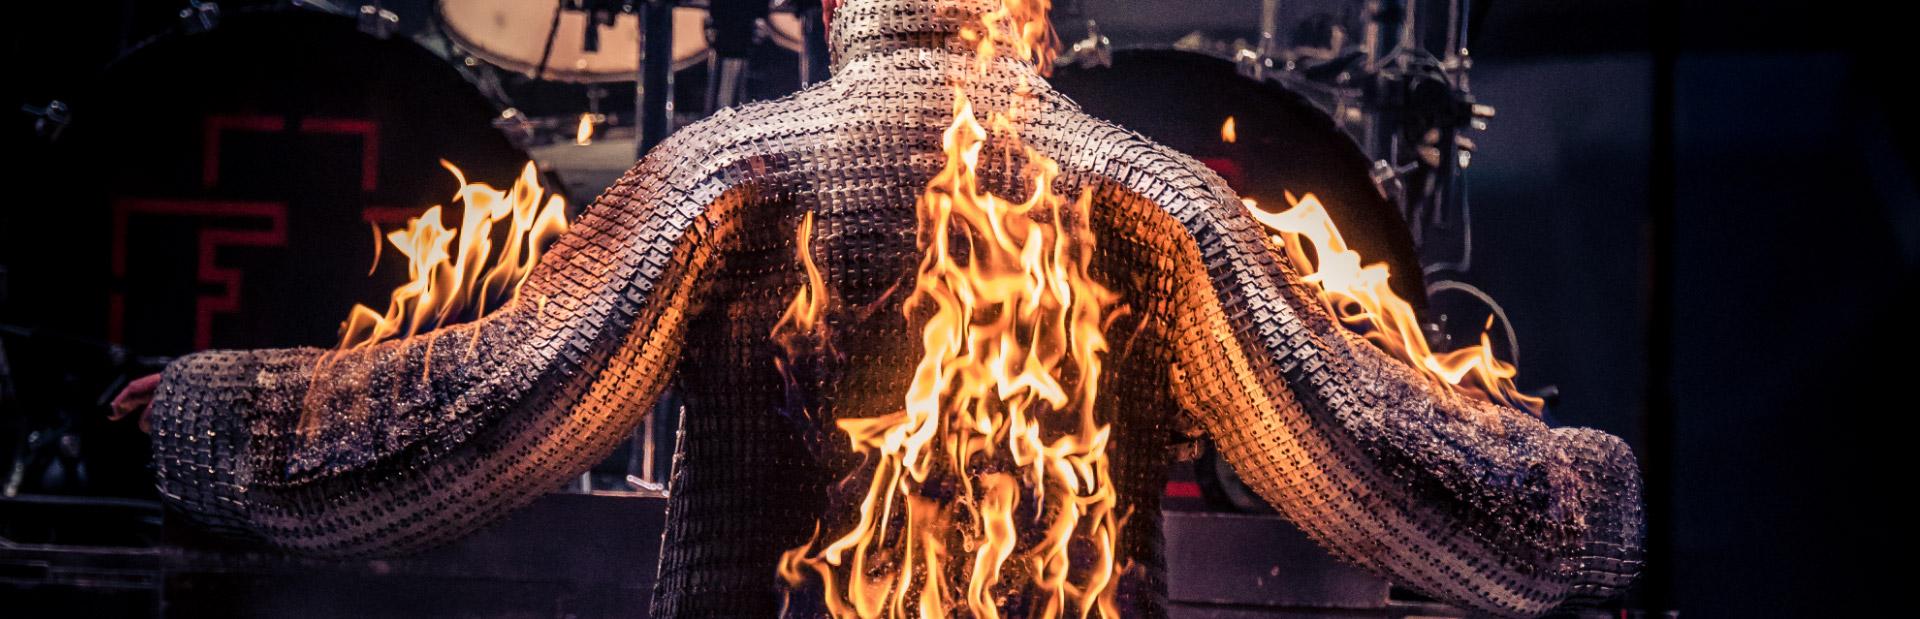 boris-brennender-mantel